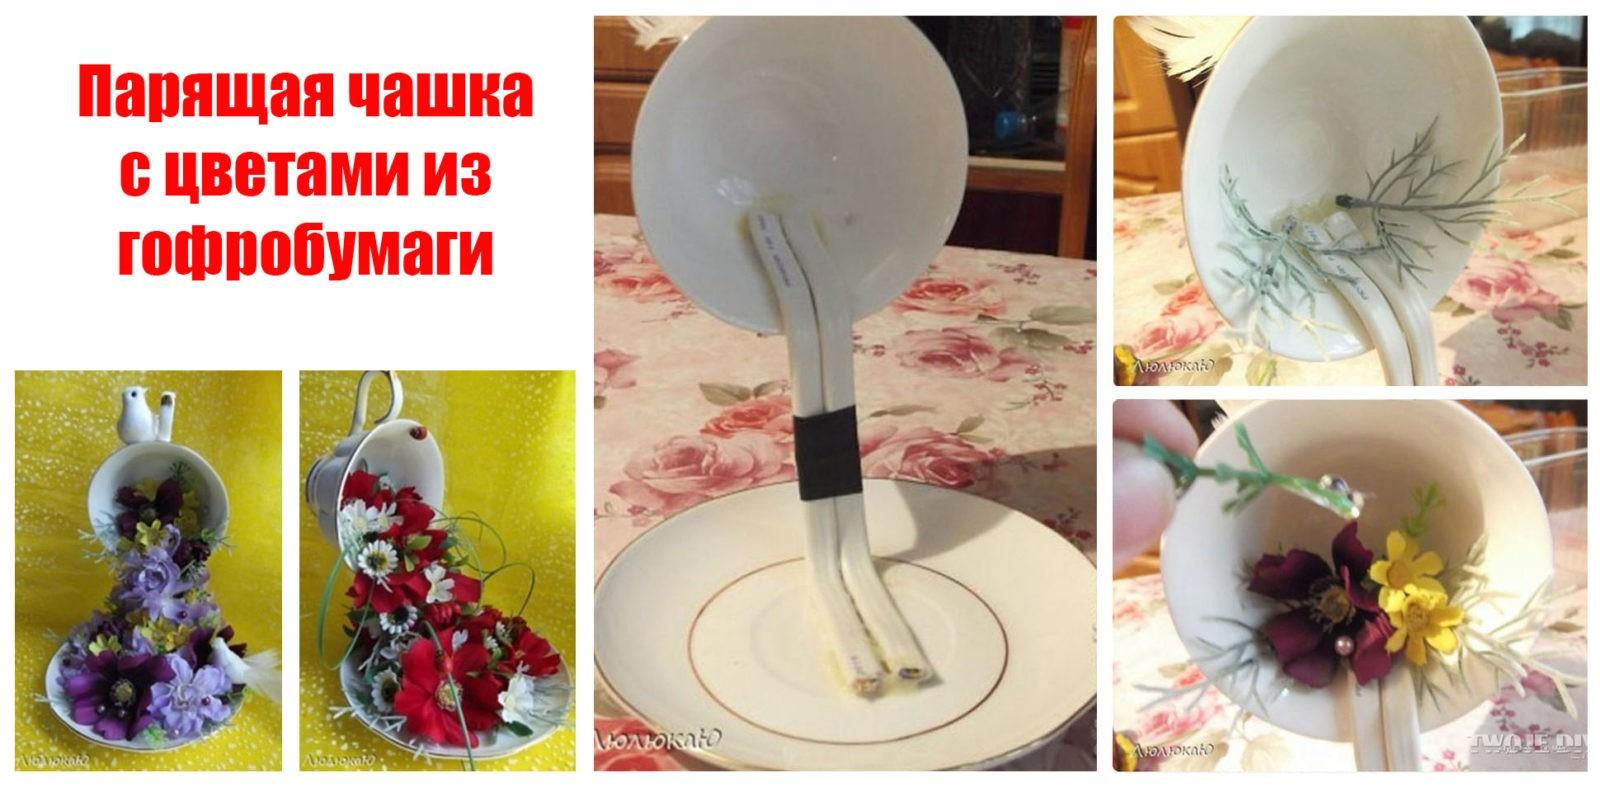 парящая чашка с цветами из гофробумаги